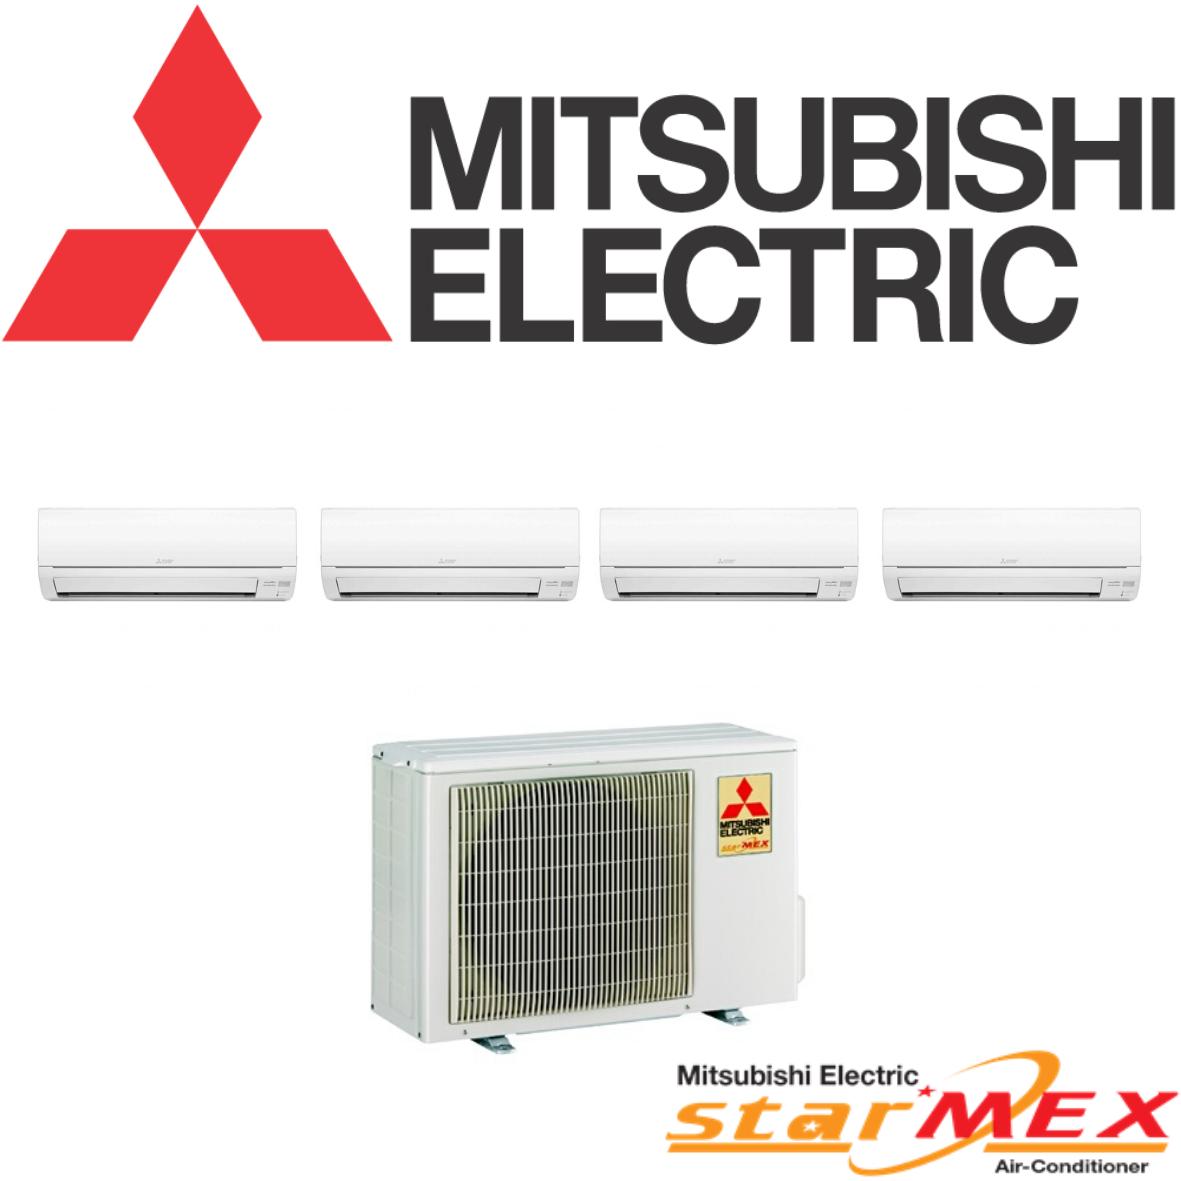 Mitsubishi Electric (Inverter) - SYSTEM 4 (MXY-4G38VA2 / MSXY-FN10VE X3 / MSXY-FN18VE)